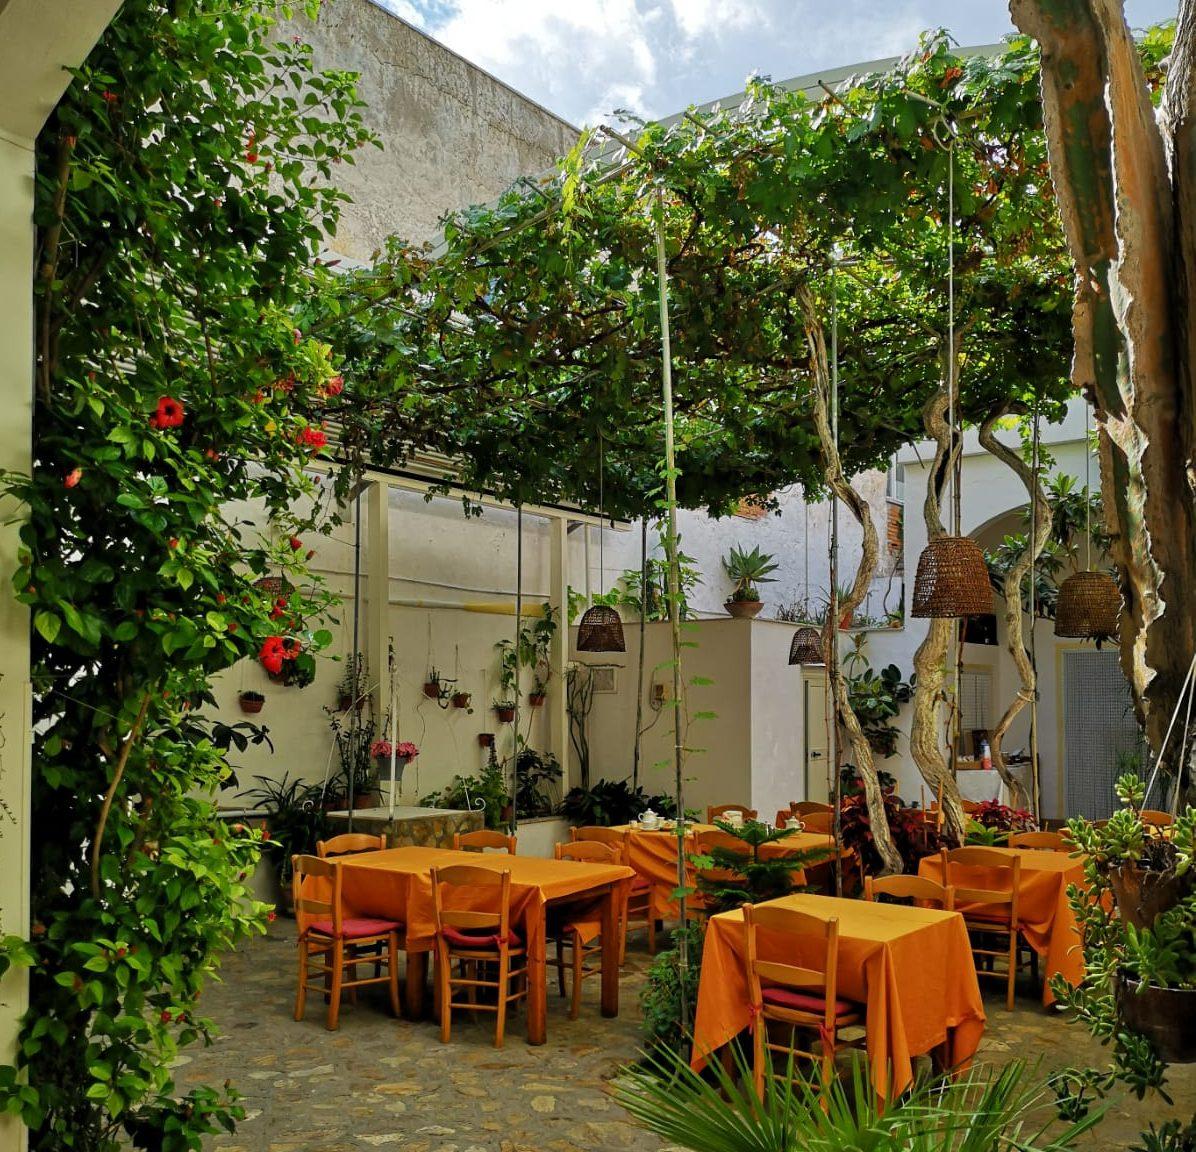 Cortile interno giardino dell'Hotel Feola a Ponza